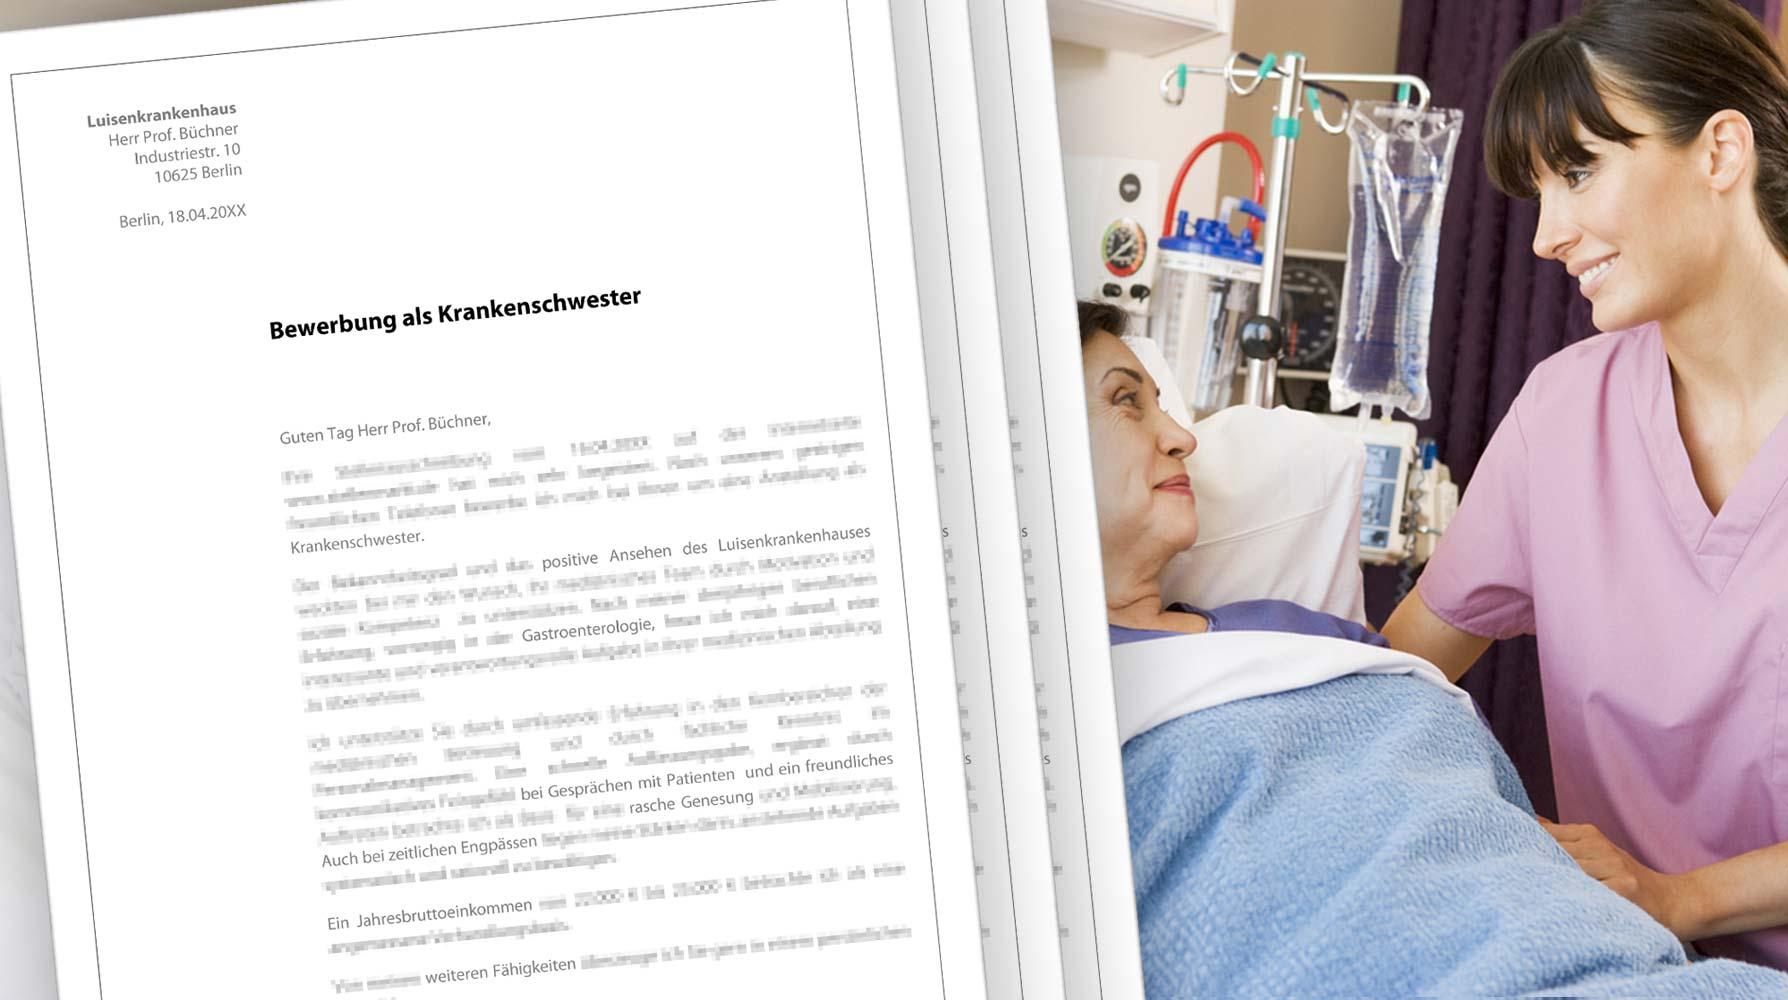 Bewerbung Krankenschwester   Medizinische Fachangestellte